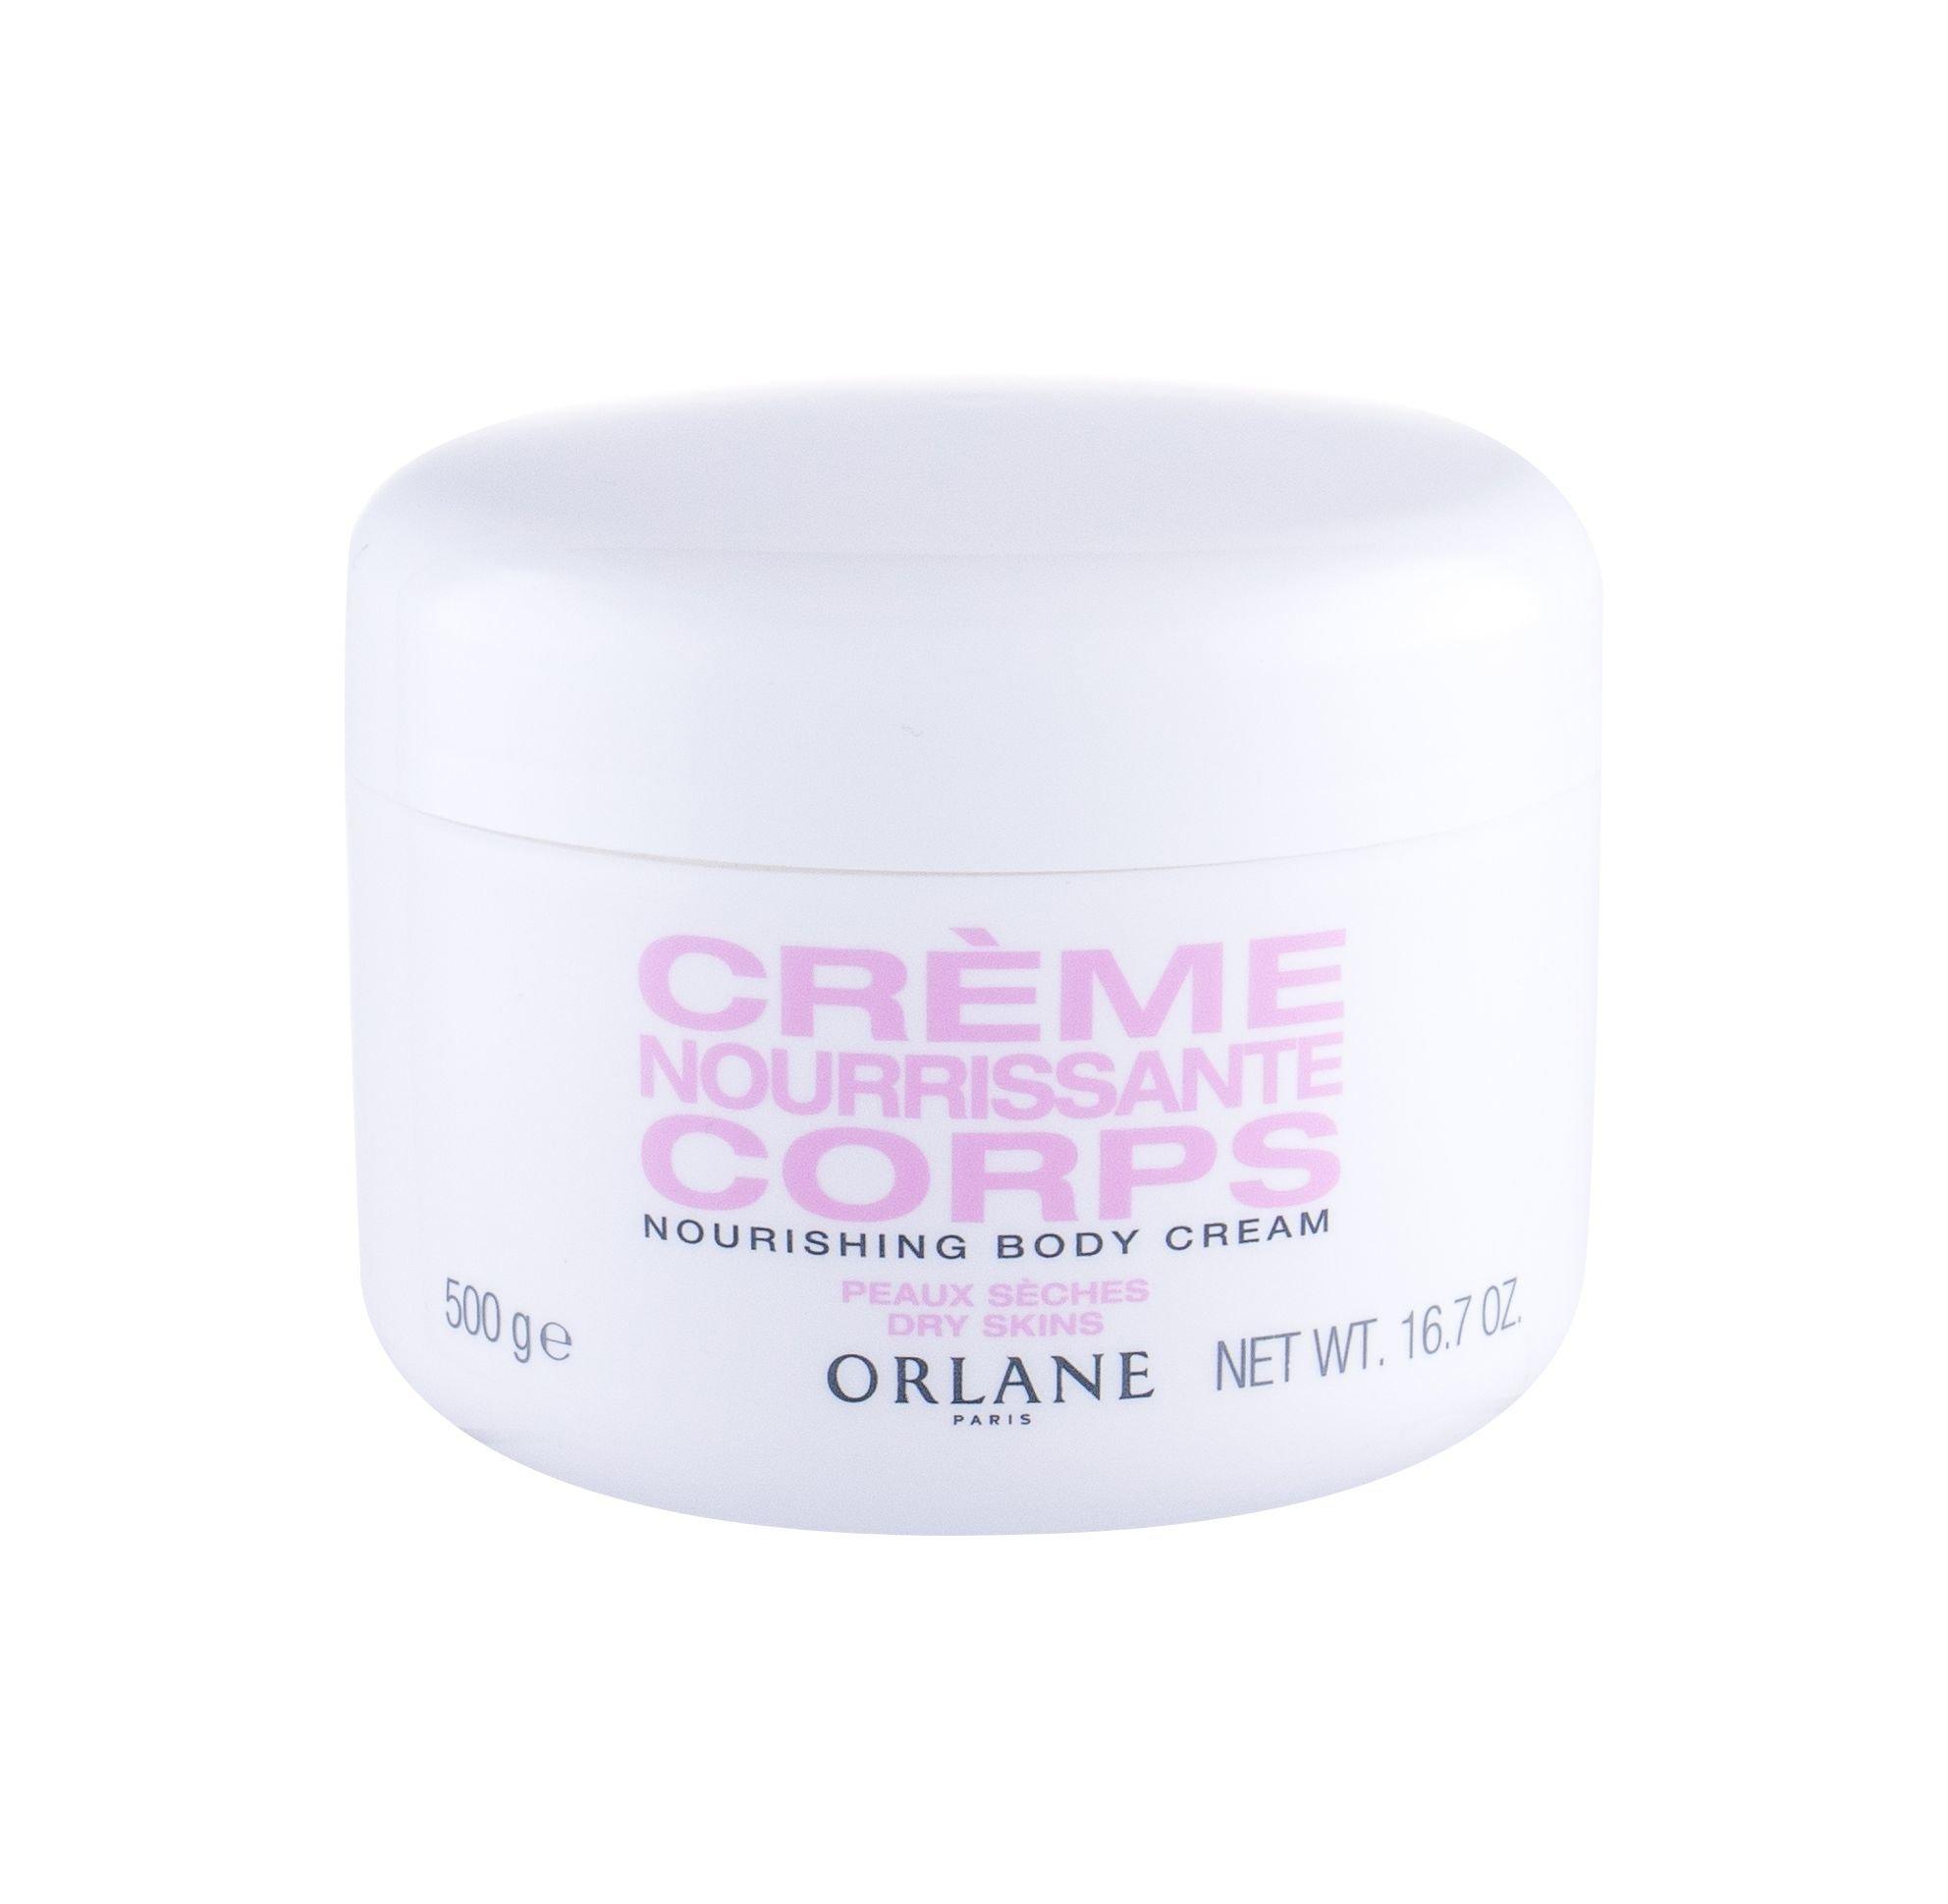 Orlane Nourishing Body Cream Body Cream 500ml